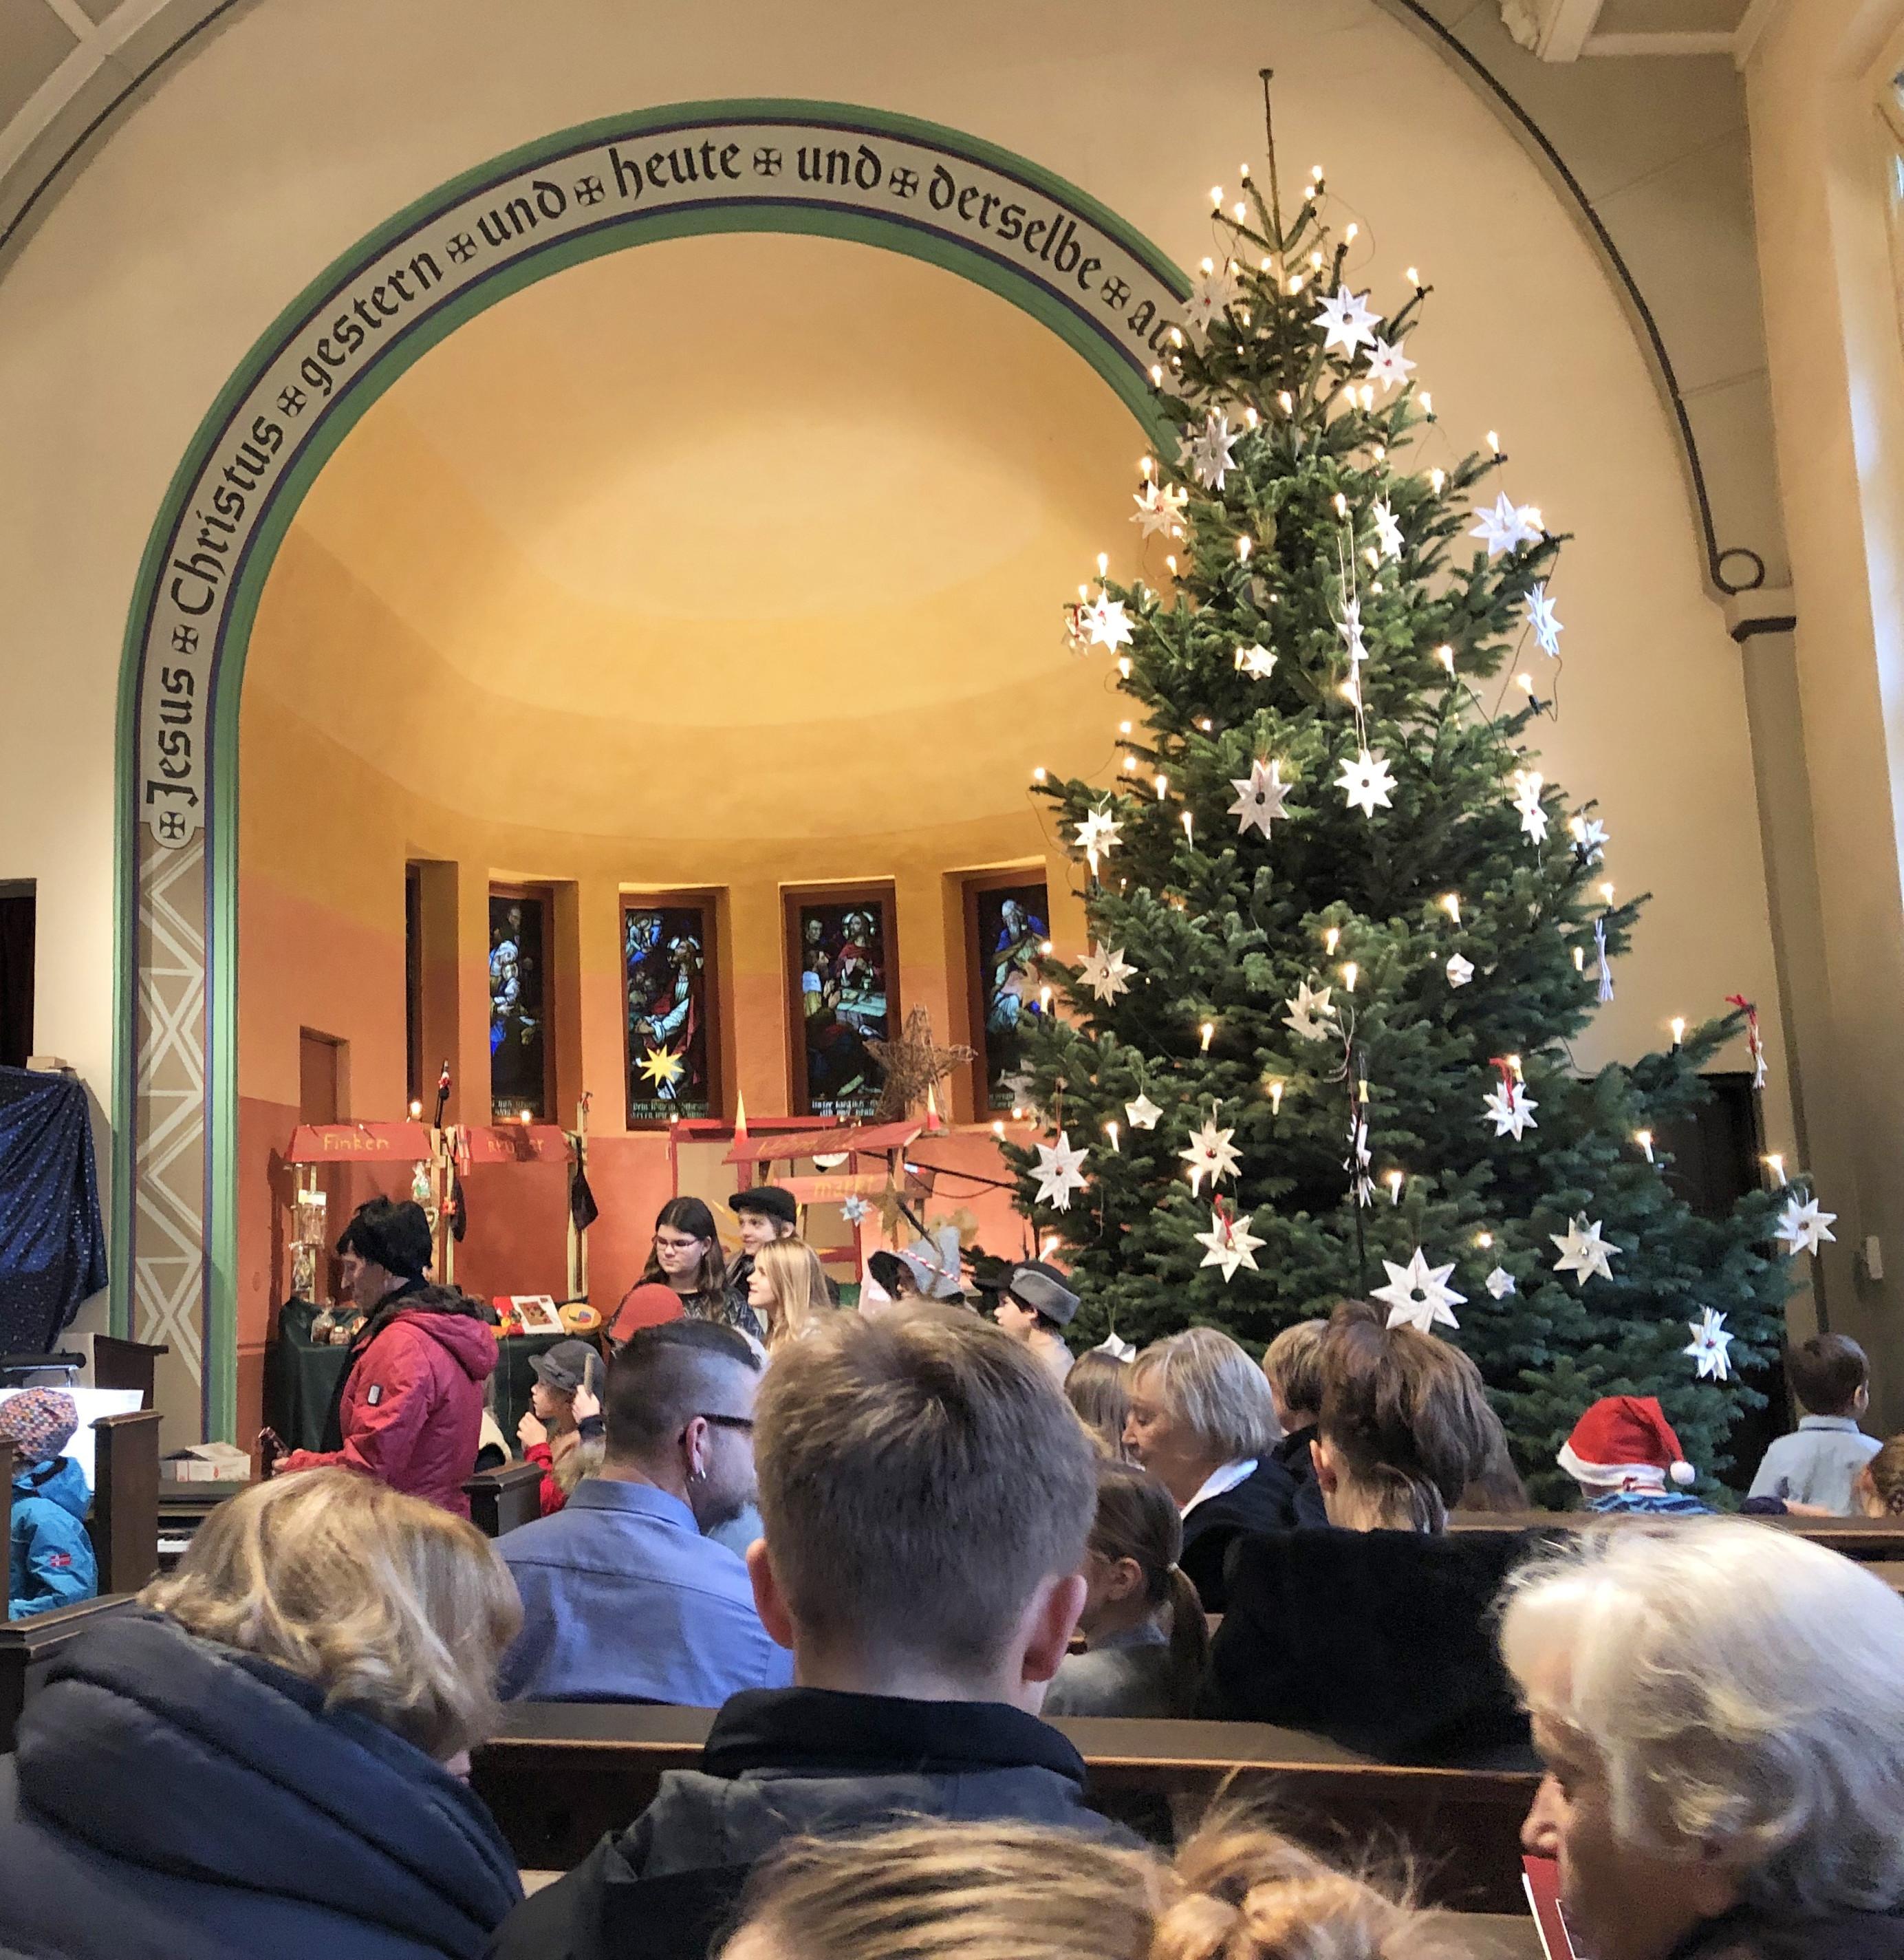 Weihnachten Kirche.Kirche Weihnachten Kinderchaos Familienblog